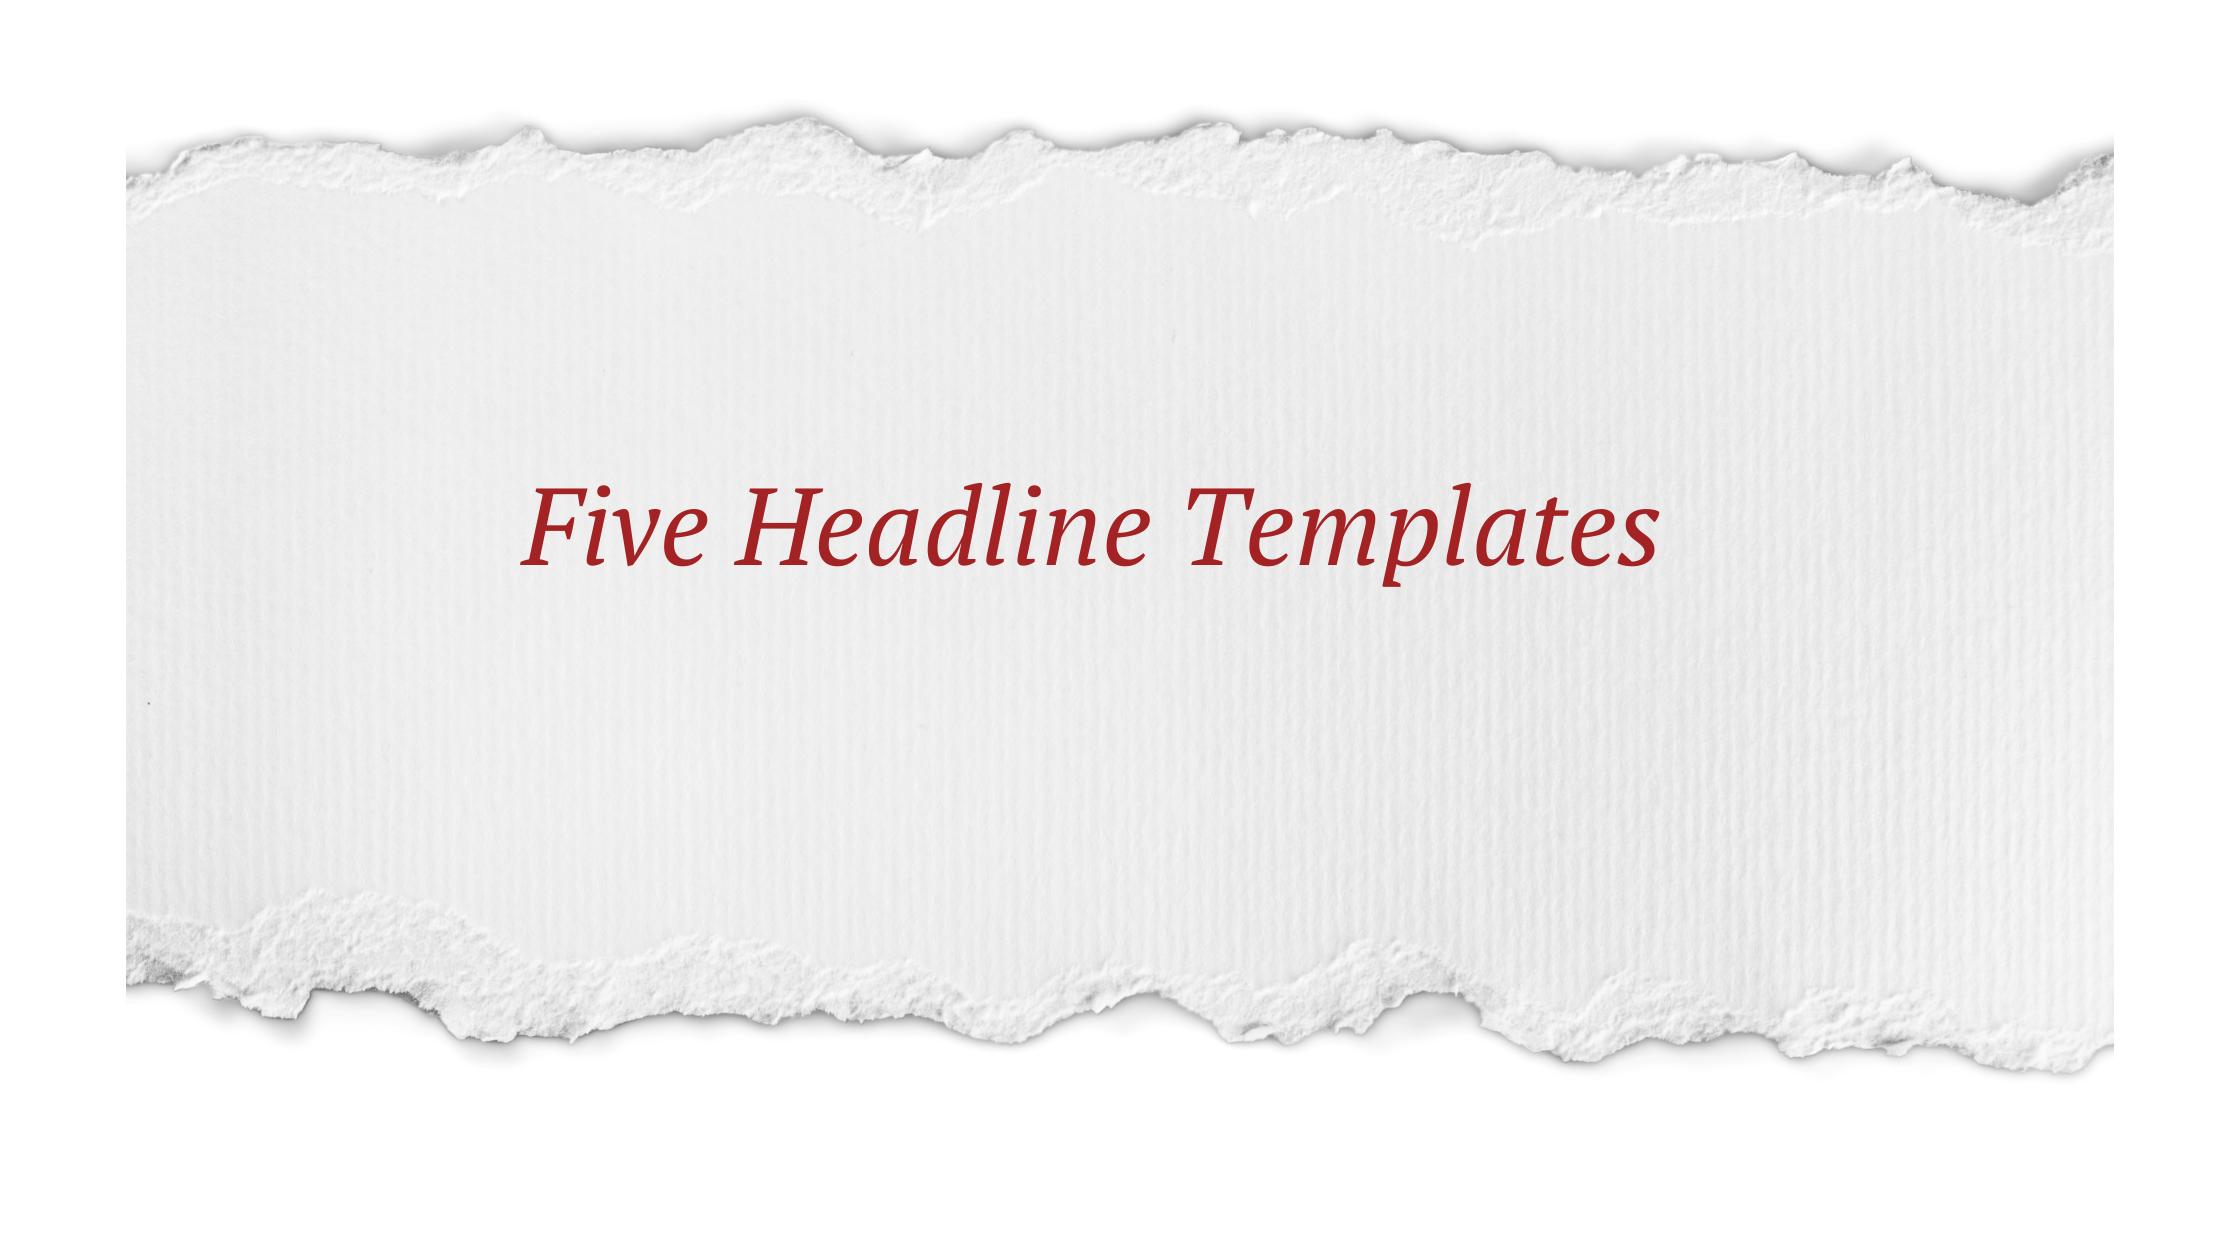 5 headline templates